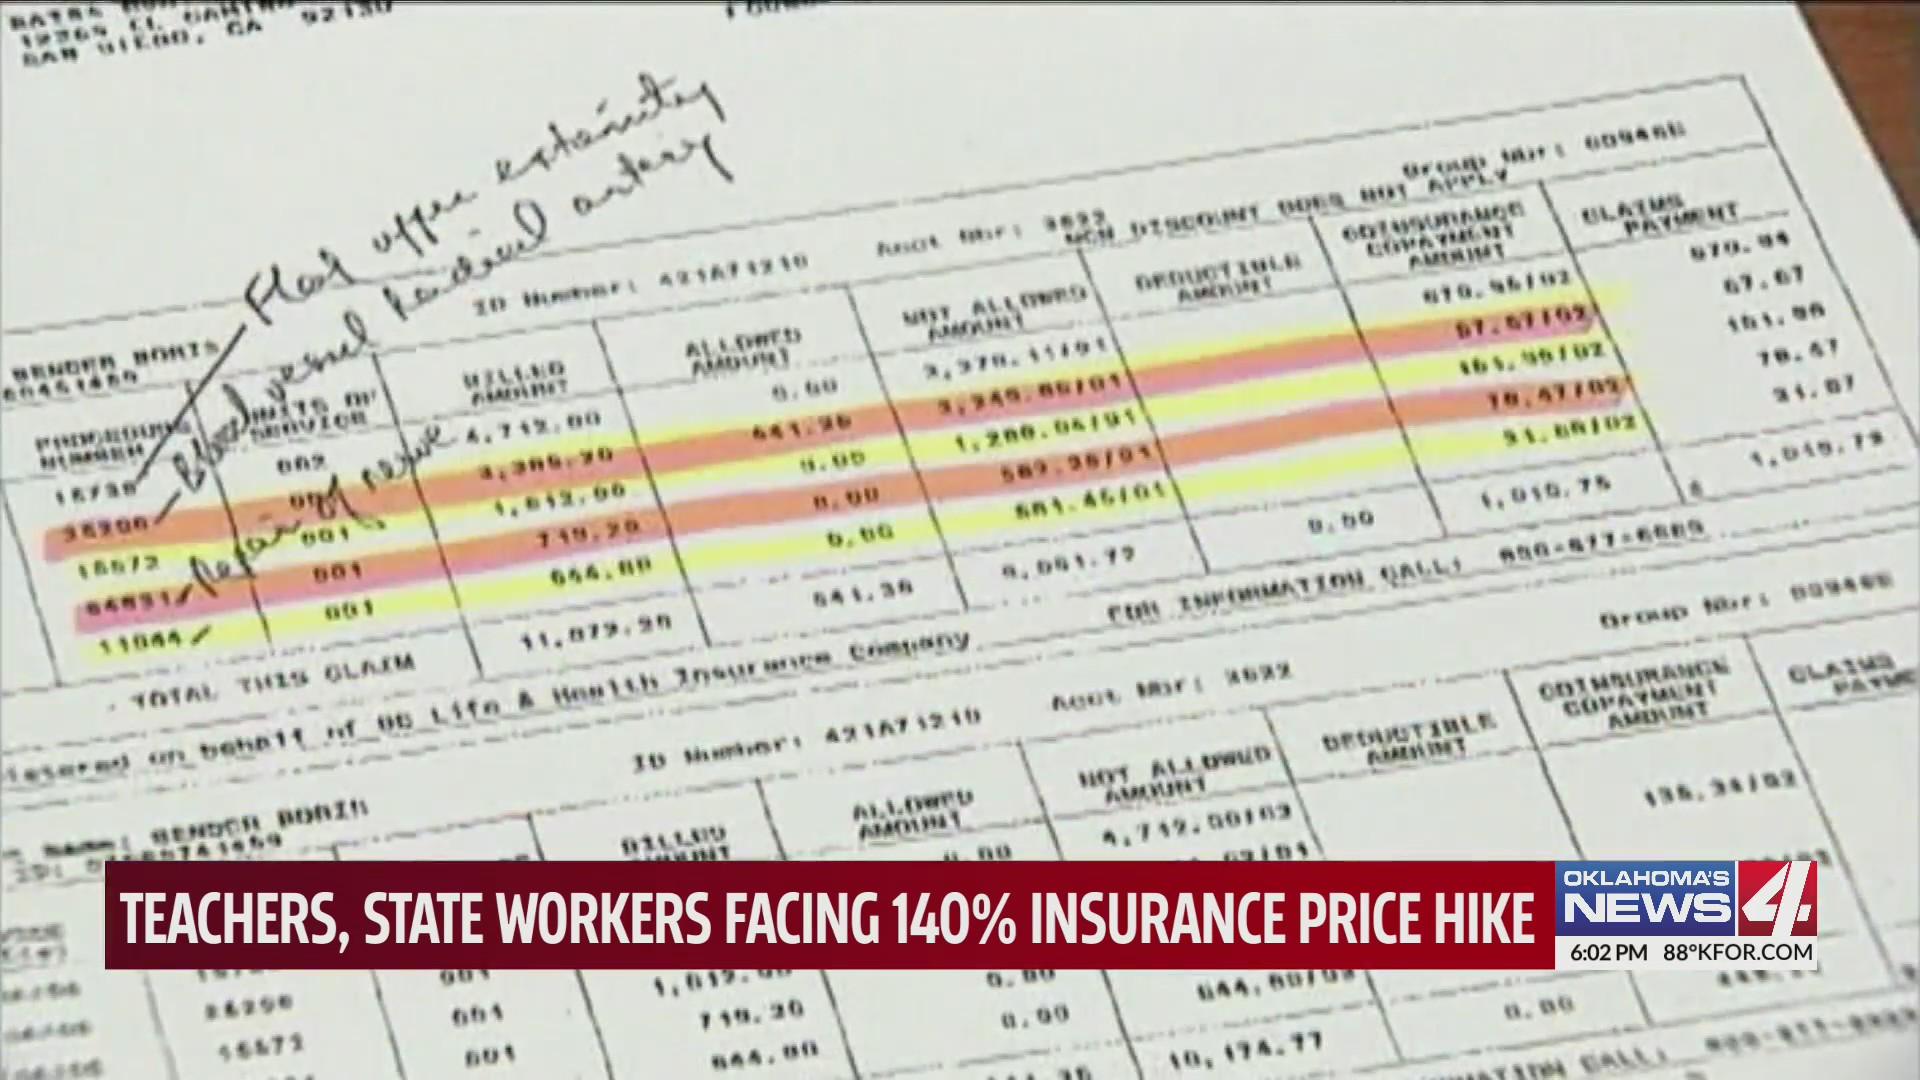 Insurance bill shows breakdown of fees